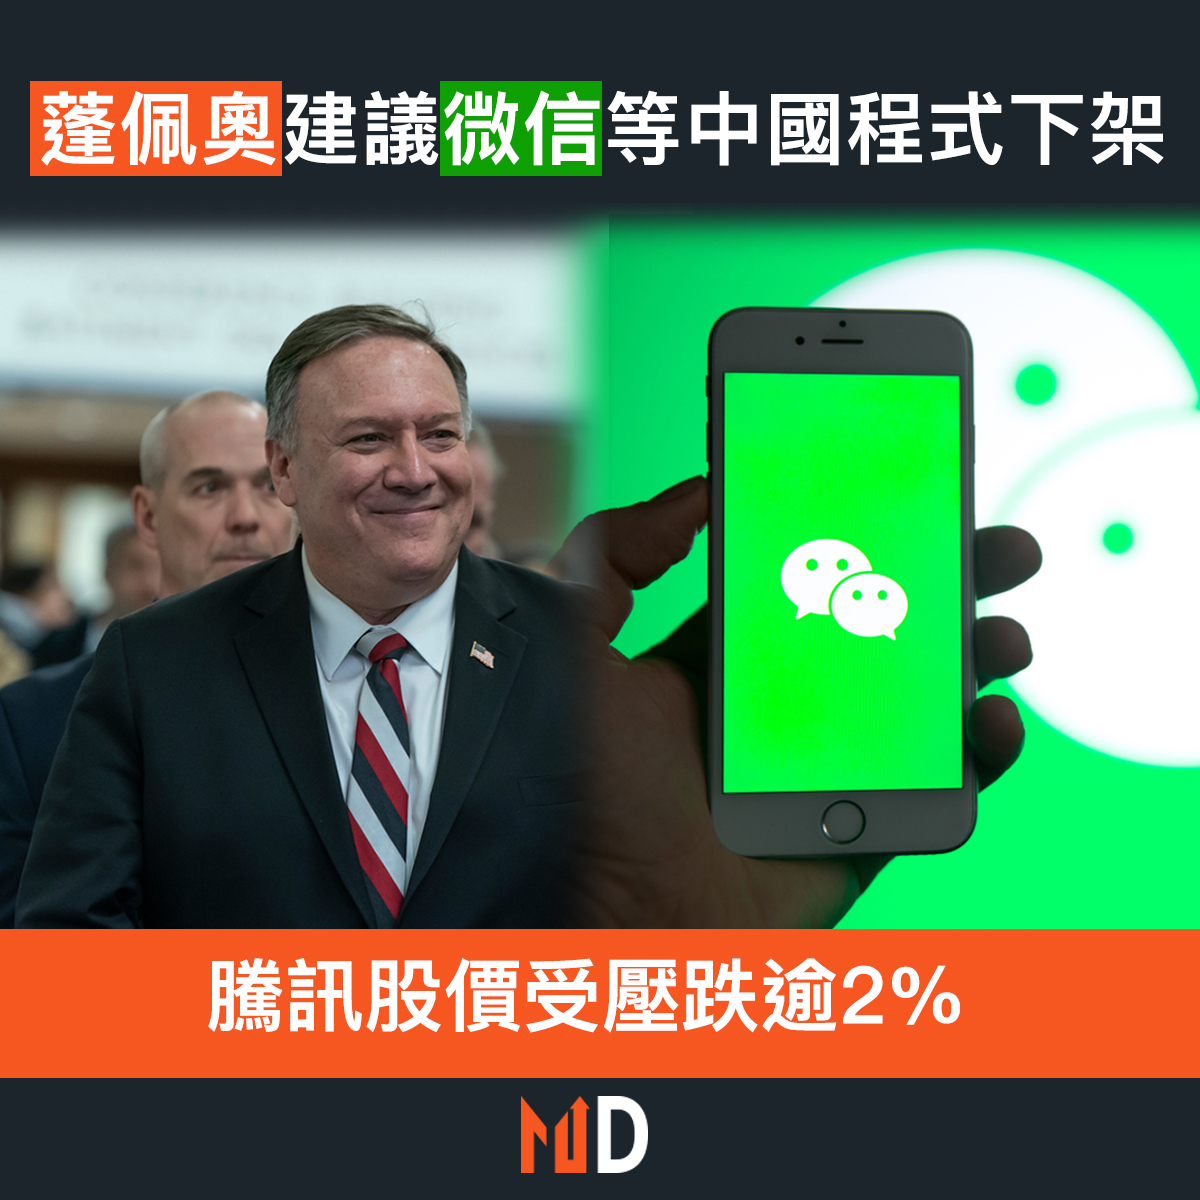 【市場熱話】蓬佩奧建議微信等中國程式下架